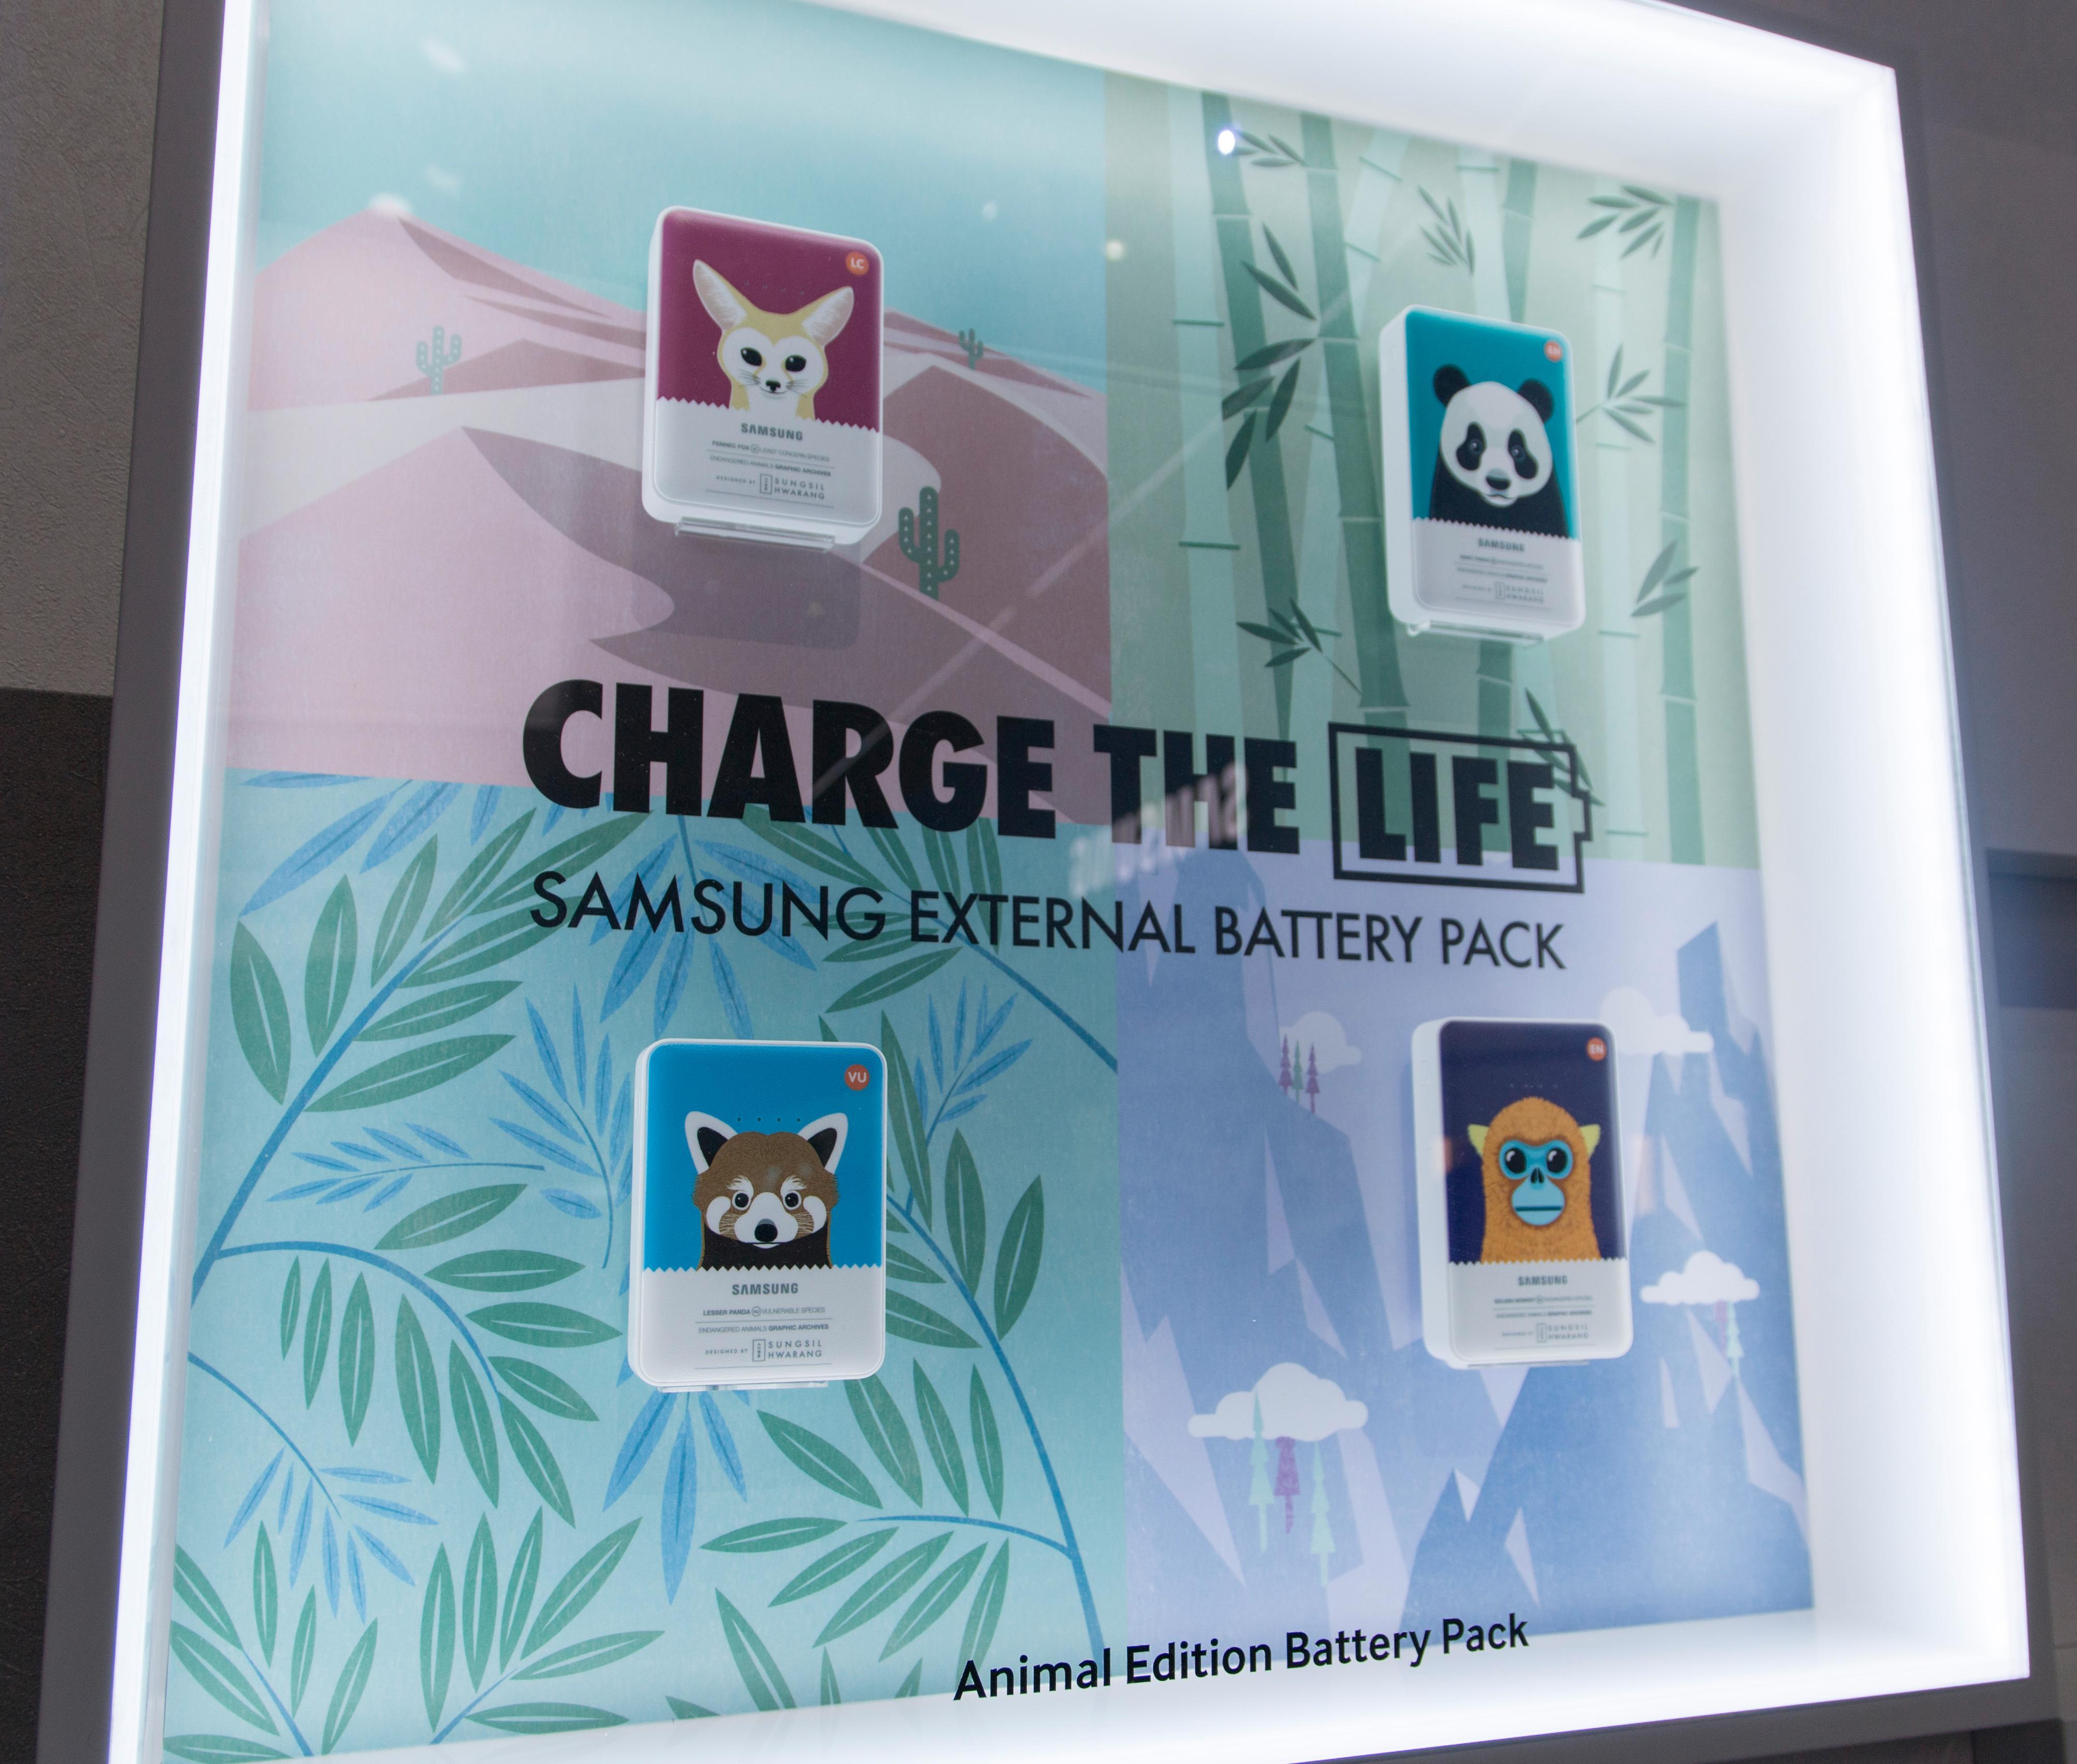 Selskapet lanserte nye og større batteripakker på messen. Skulle du ha hytte ved sjøen i Sør-Korea kan du også kjøpe dem i Animal Edition.